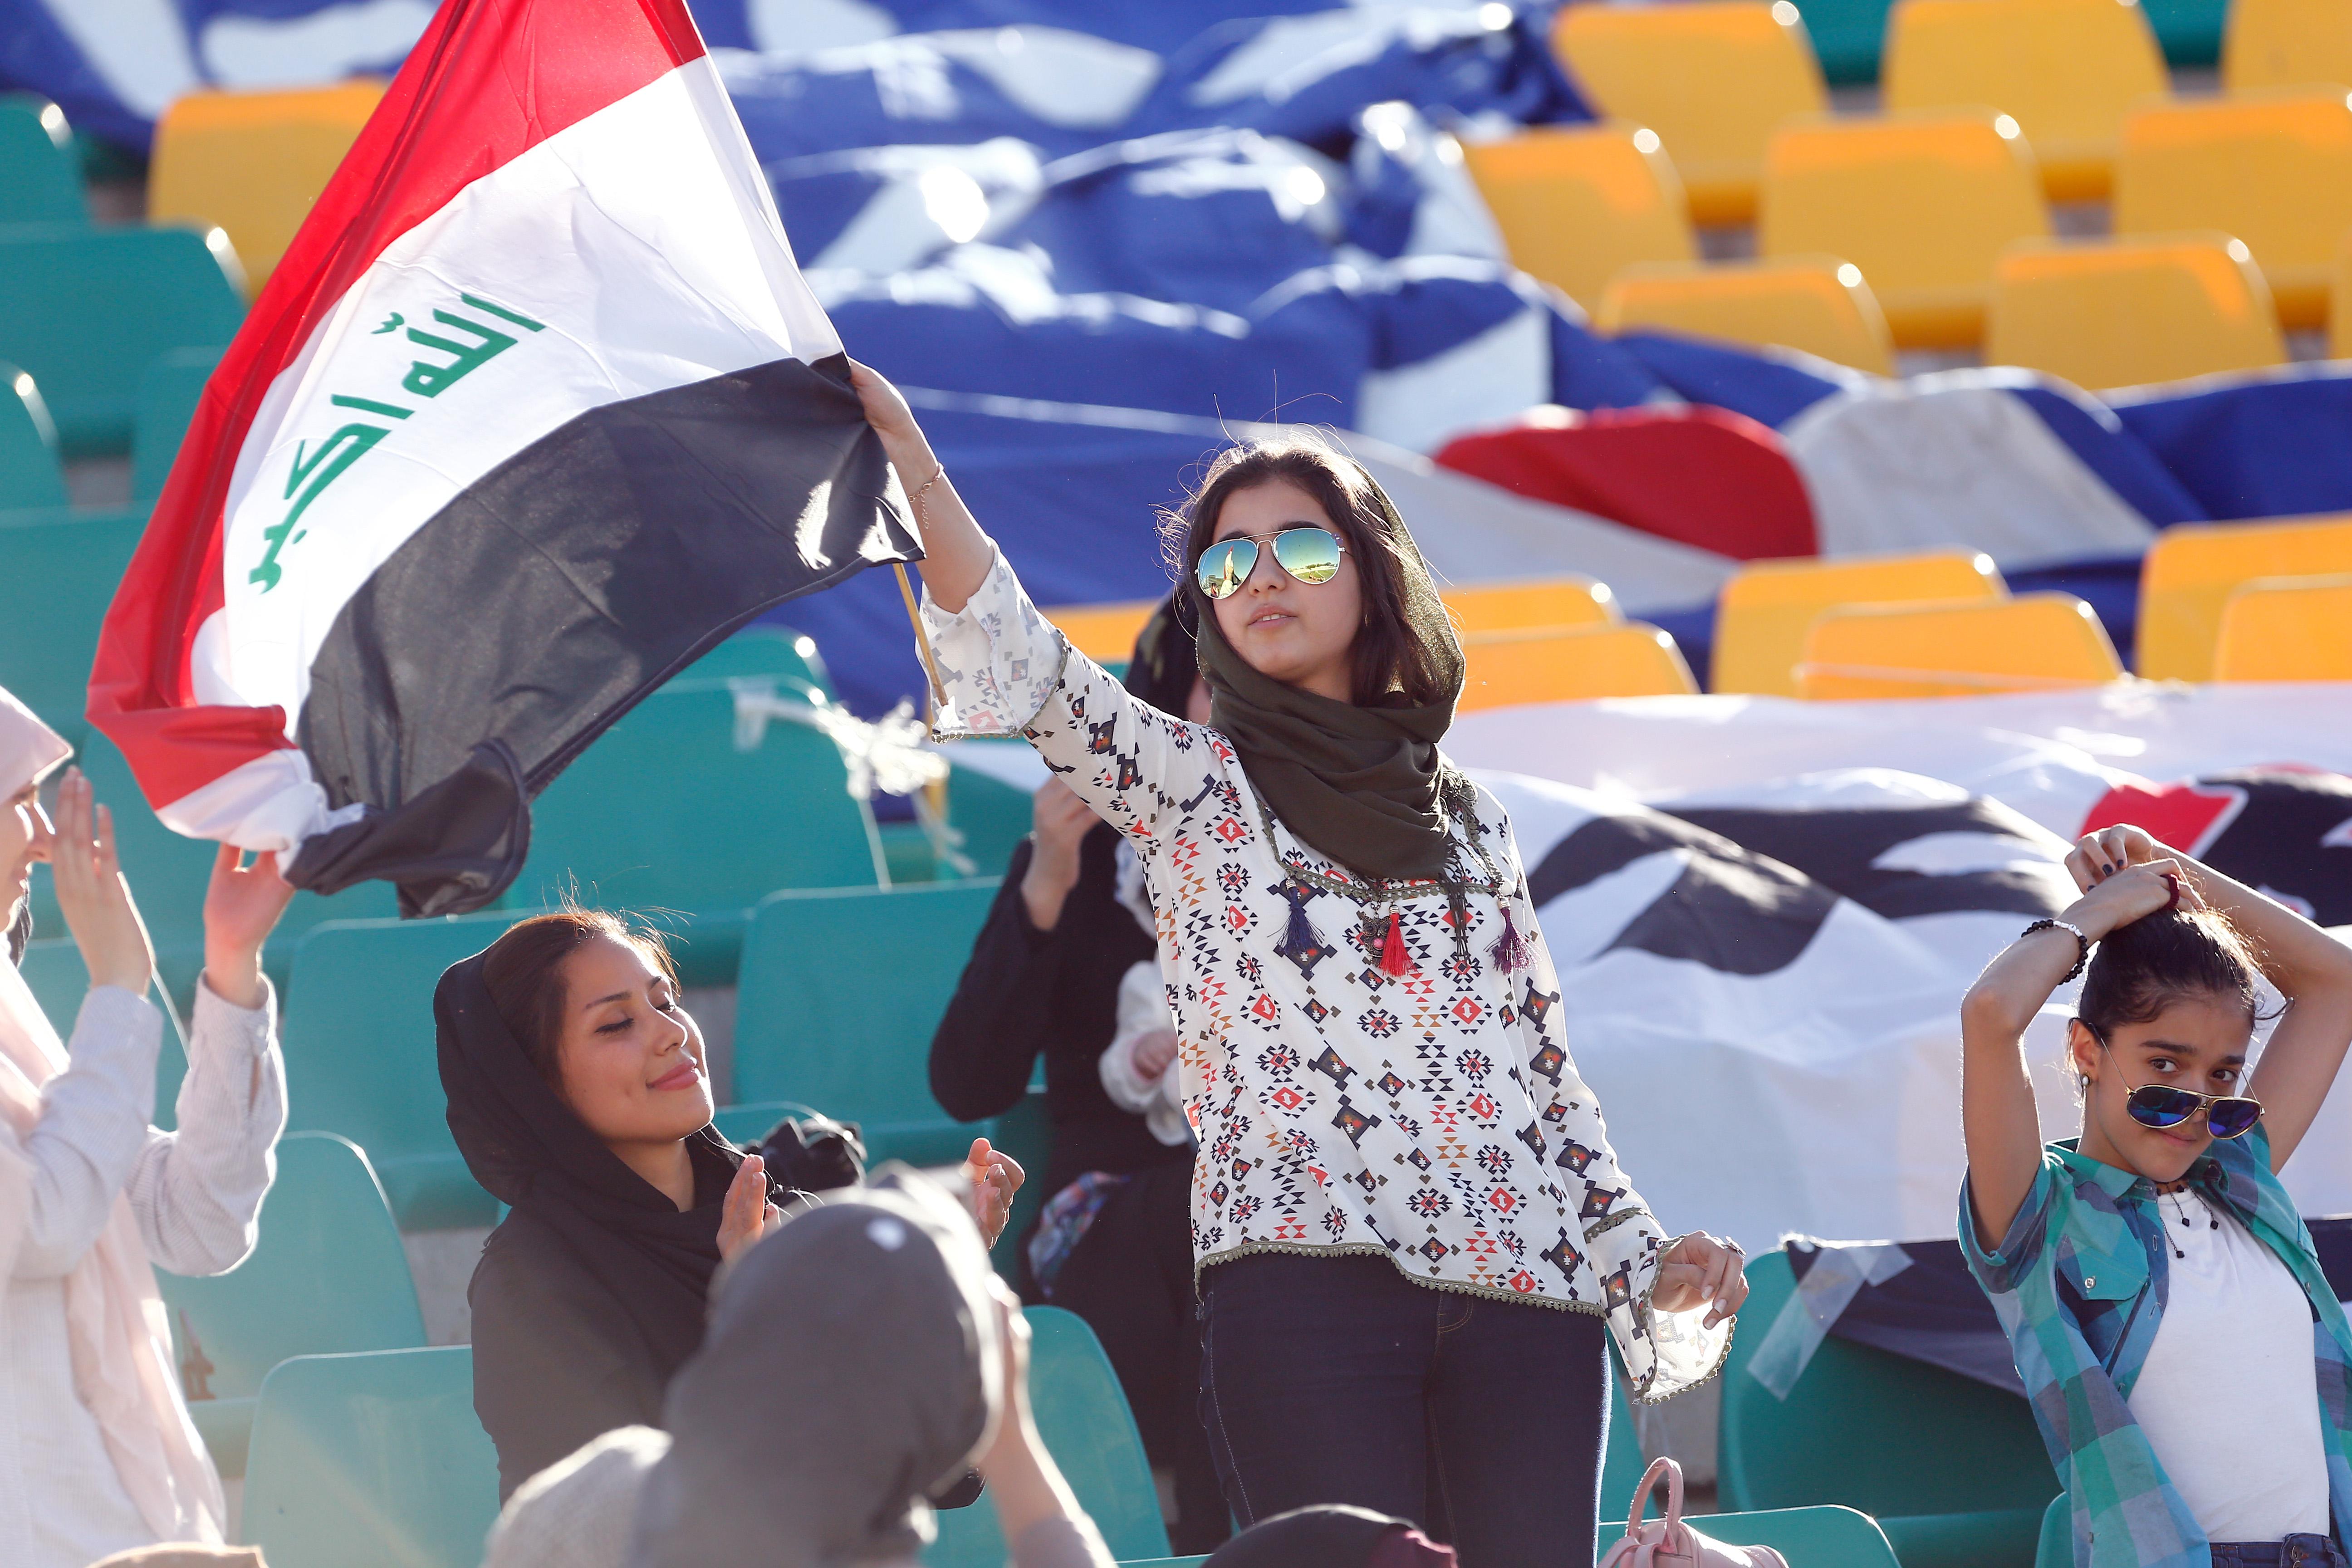 Aus Sicherheitsgruenden werden Spiele der irakischen Nationalmannschaft oefter nach Teheran verlegt. Zu diesen Gastspielen werden auch weibliche Zuschauer ins Stadion gelassen.